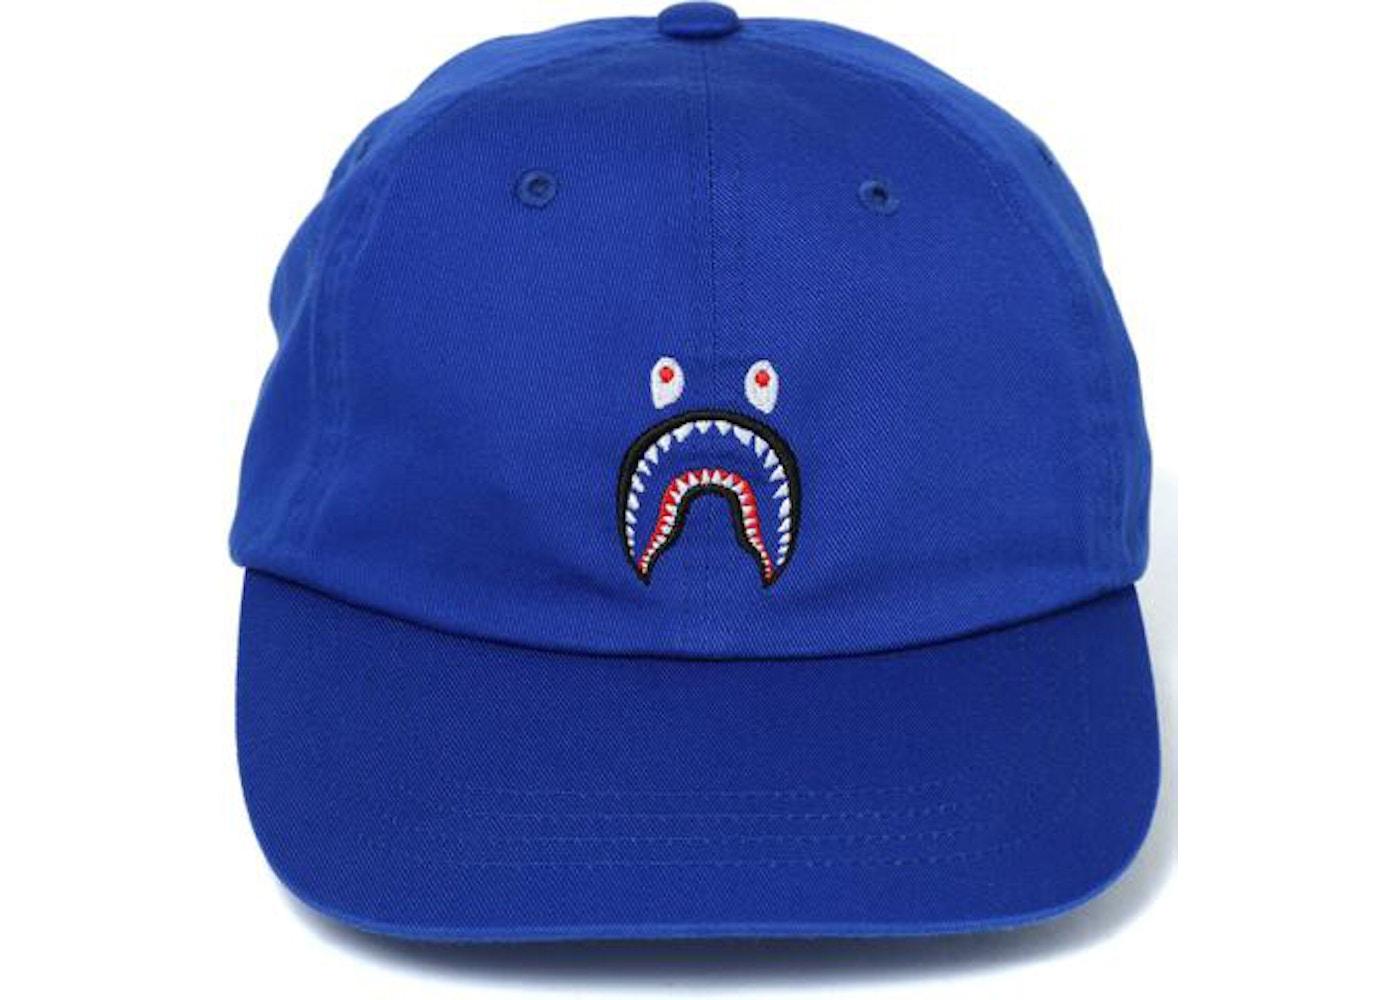 a73b89ac65e7d Bape Headwear - Buy   Sell Streetwear